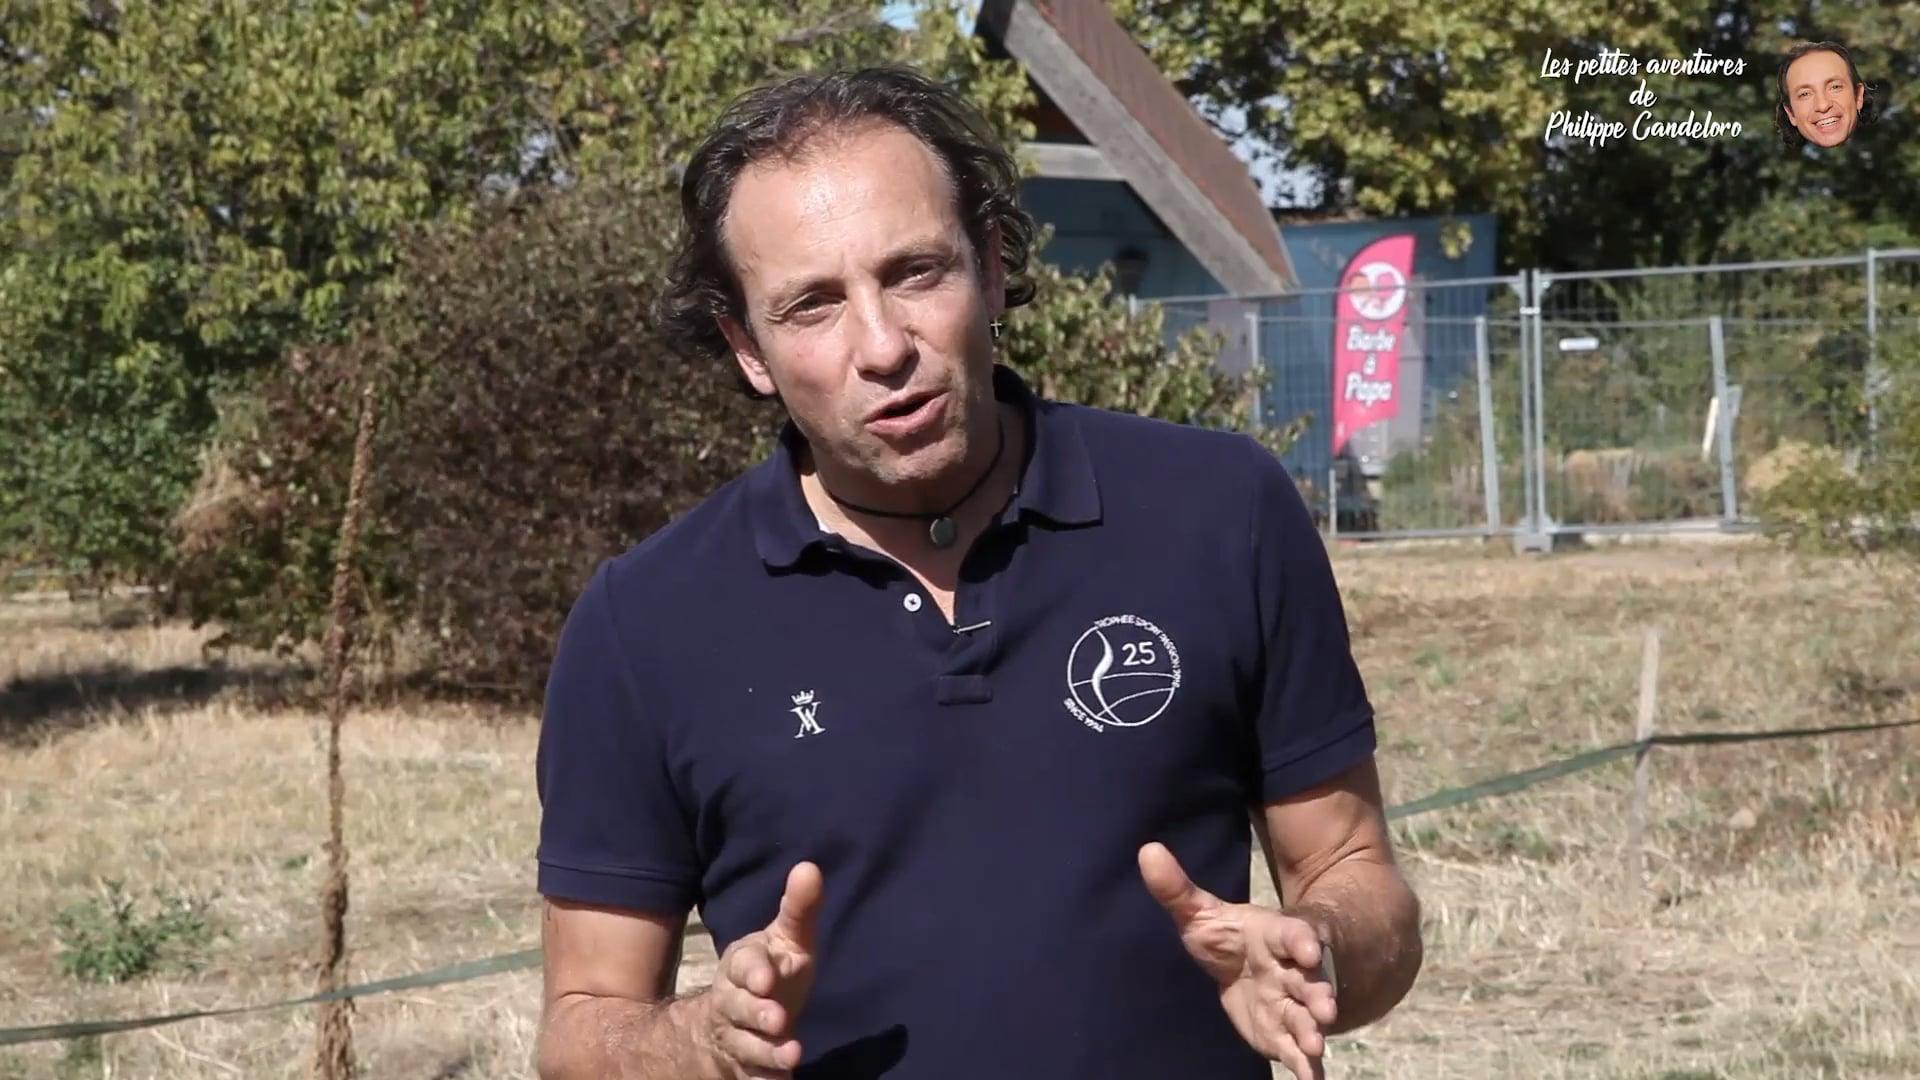 Les petites aventures de Philippe Candeloro. EPISODE 3